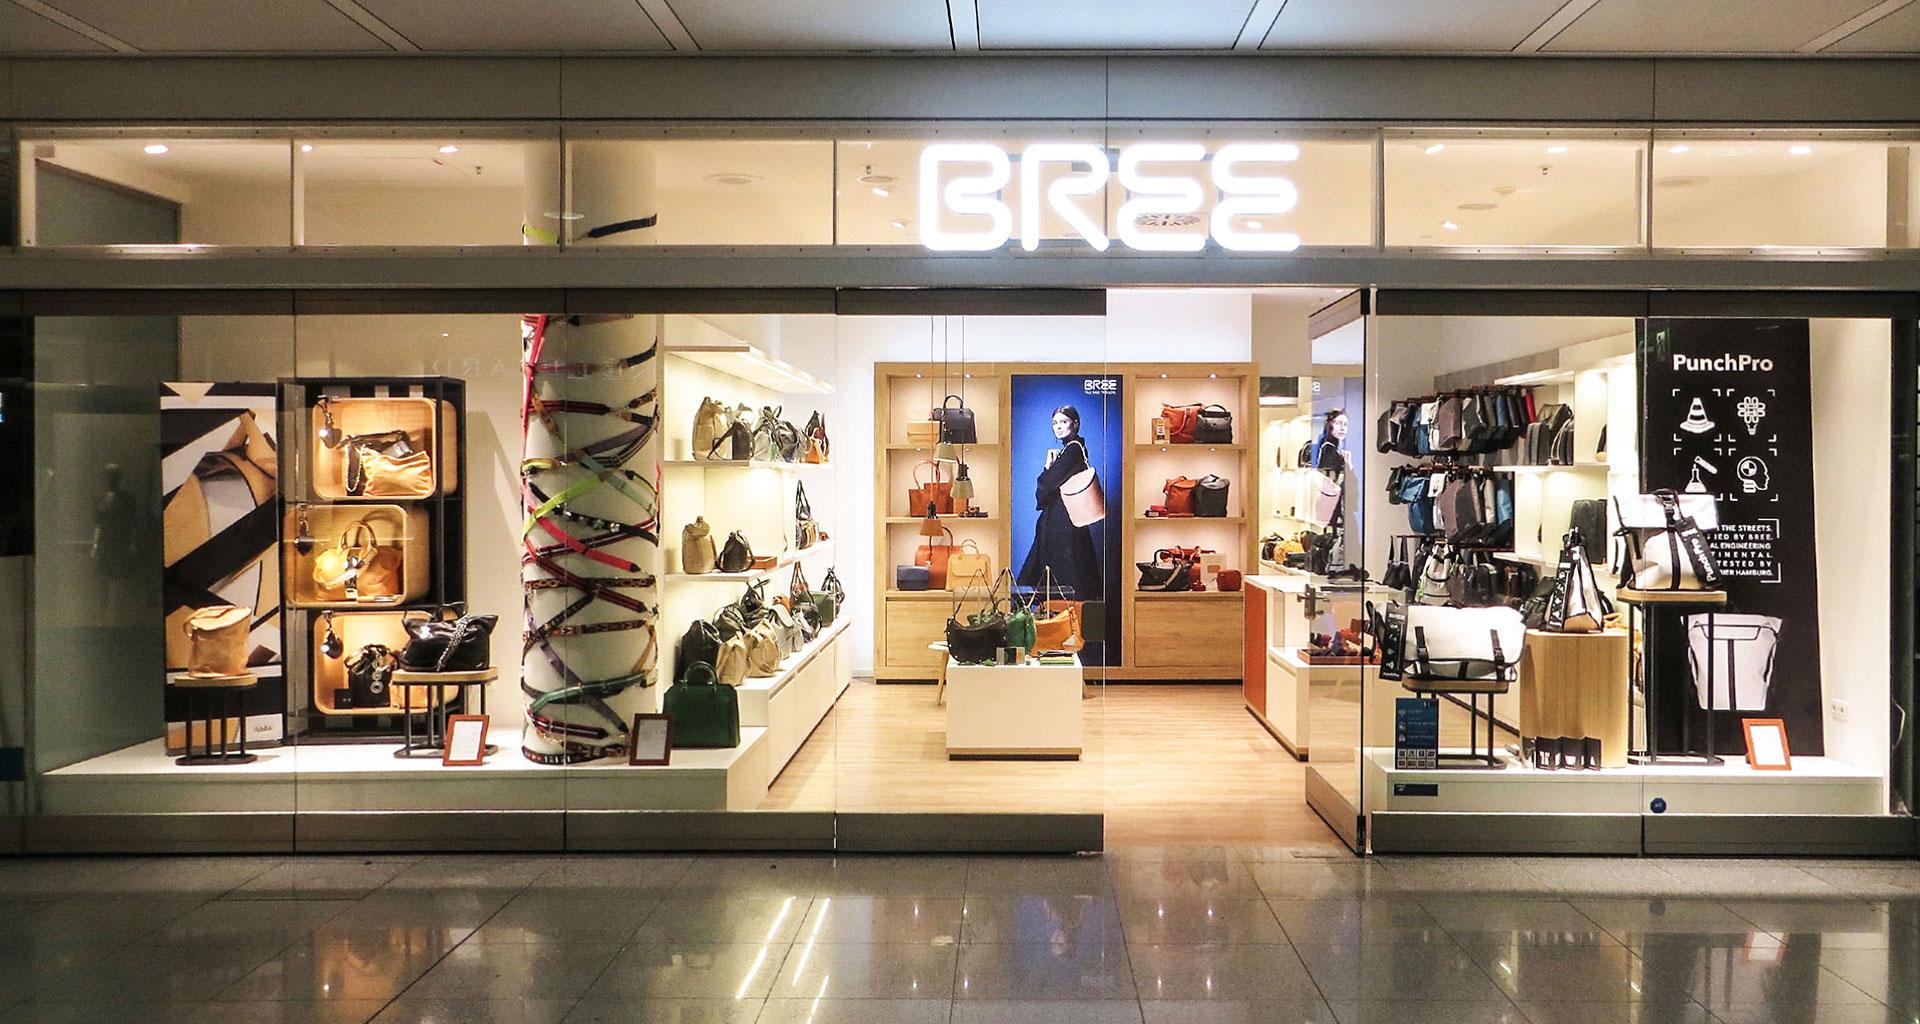 BREE Store München Flughafen